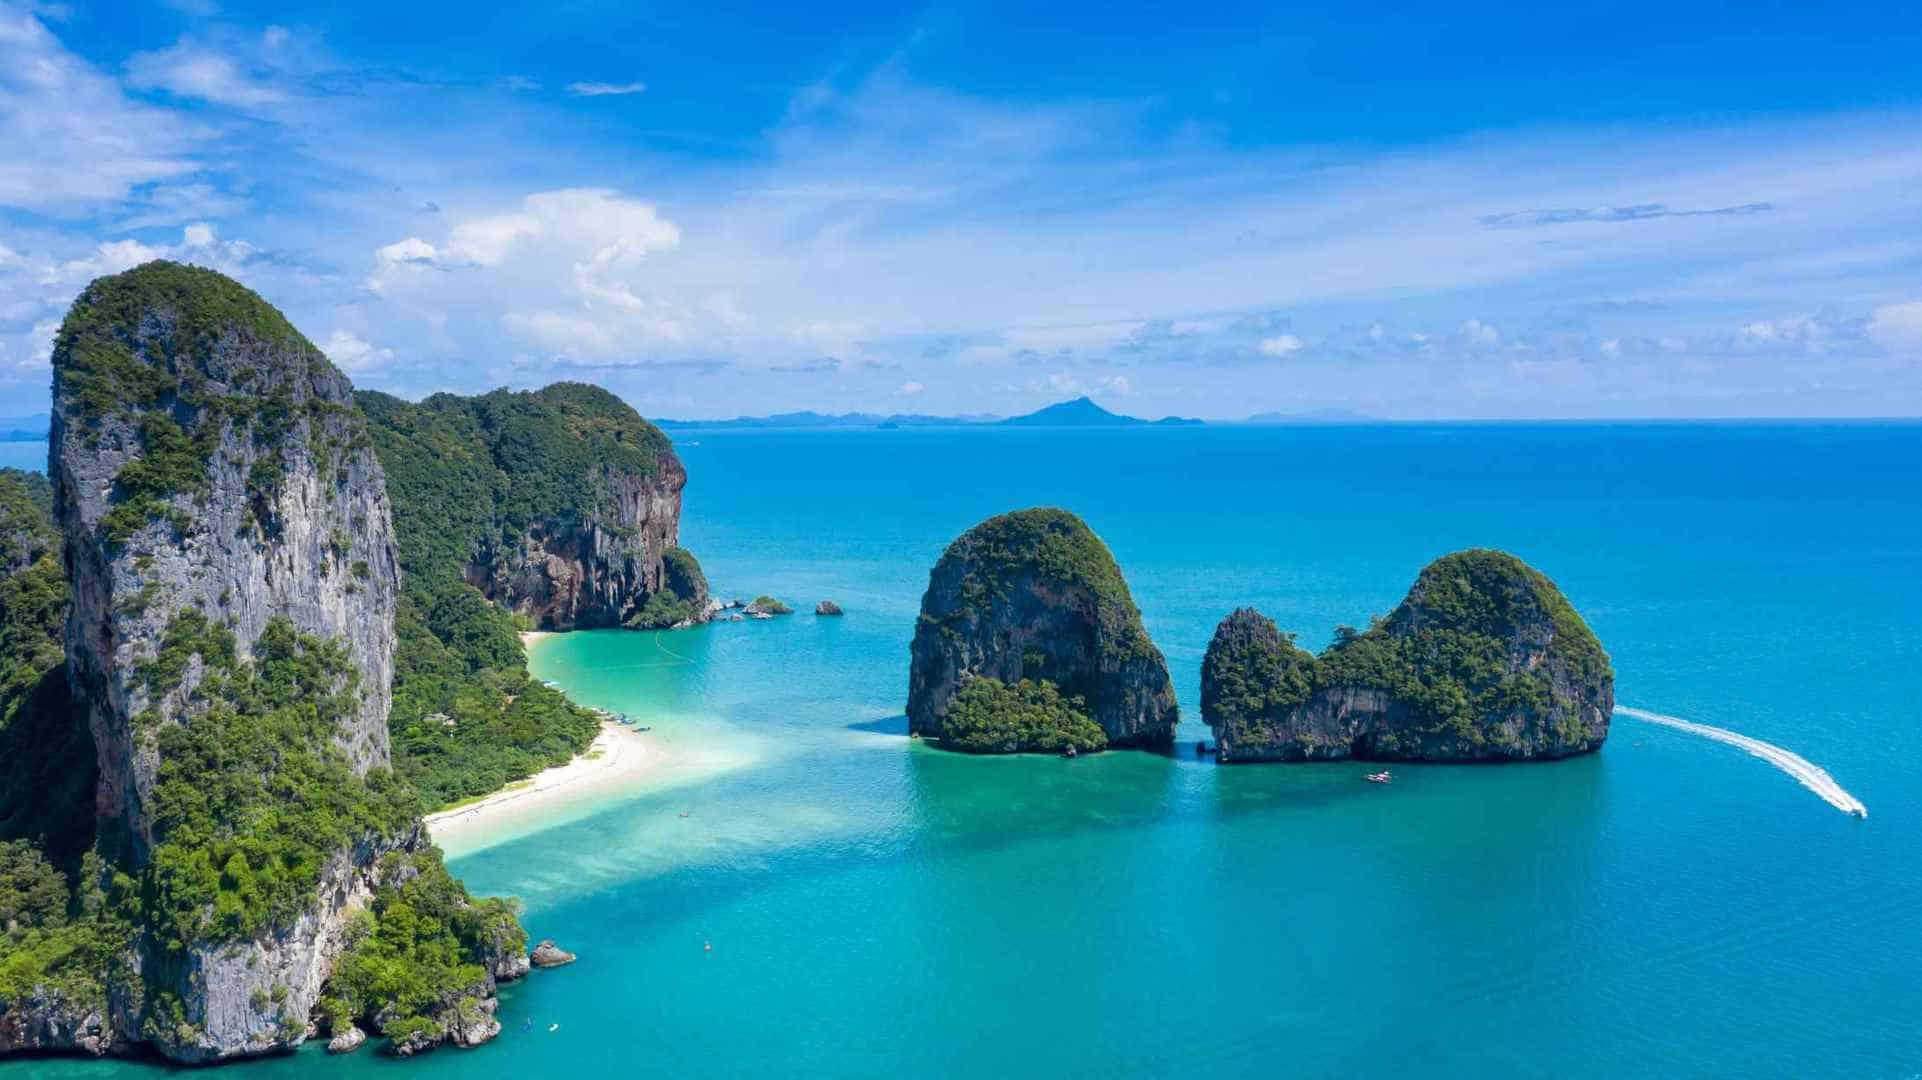 ריילי ביץ' תאילנד